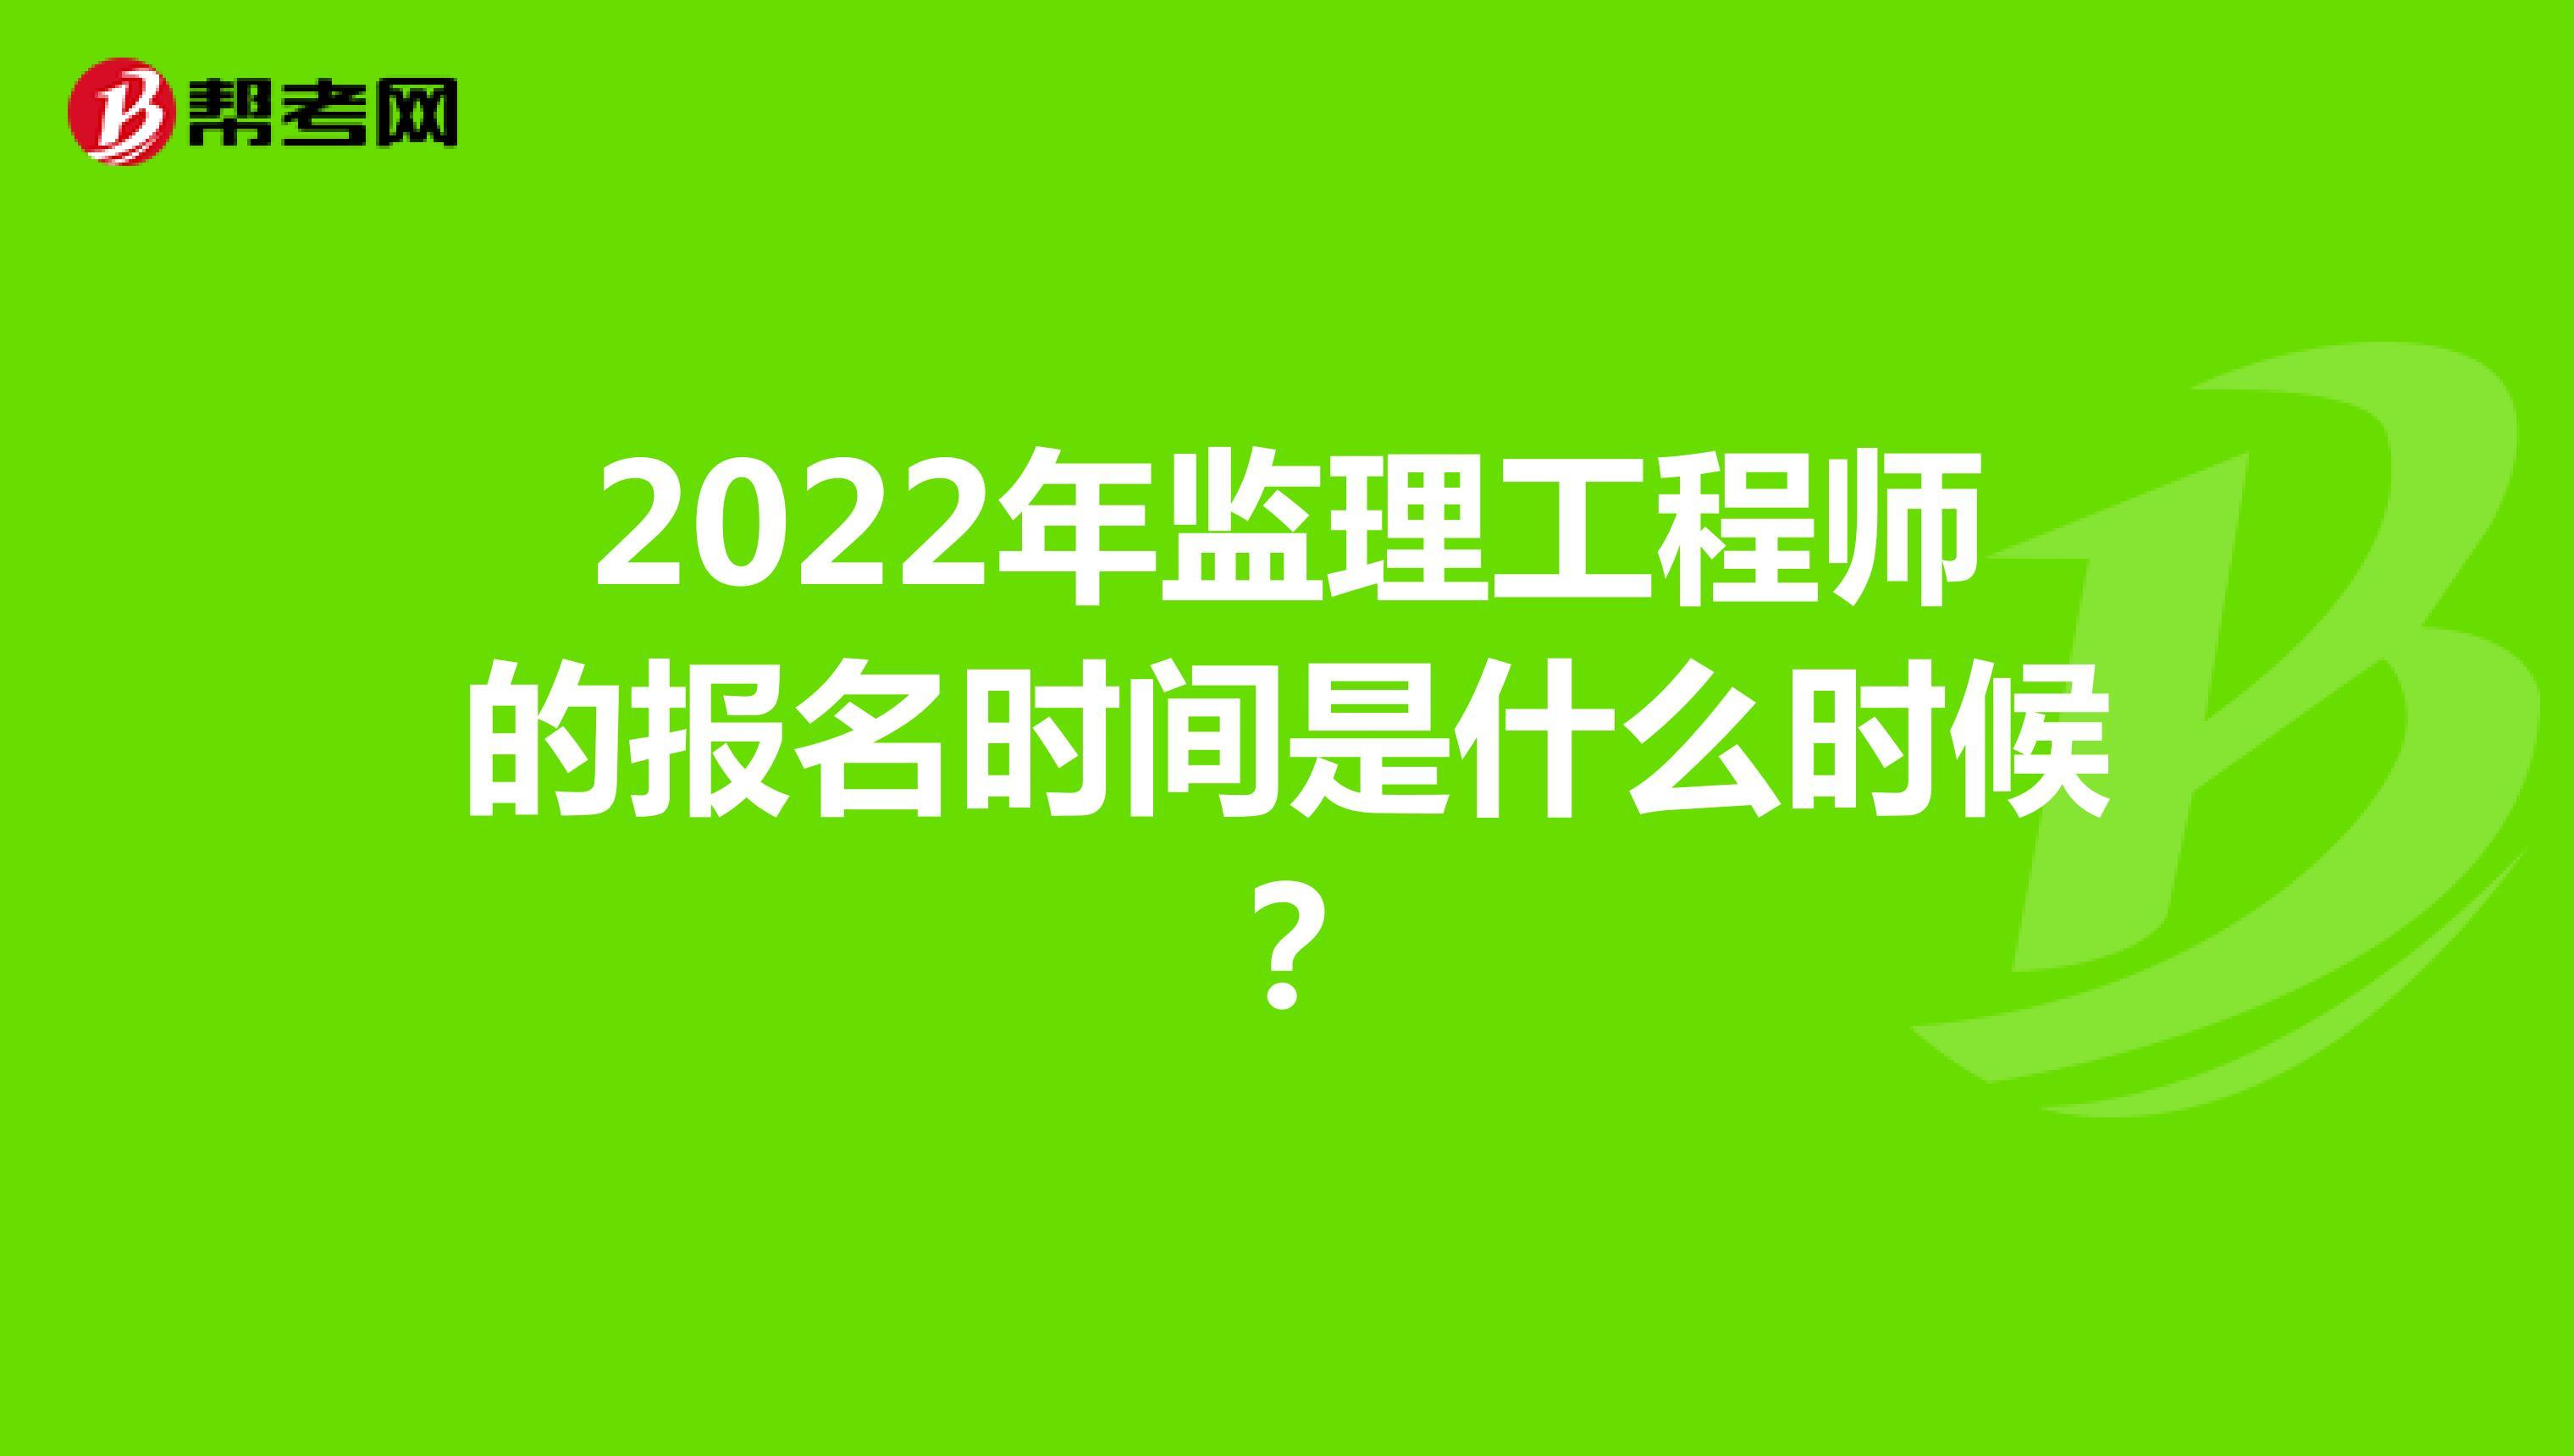 2022年监理工程师的报名时间是什么时候?